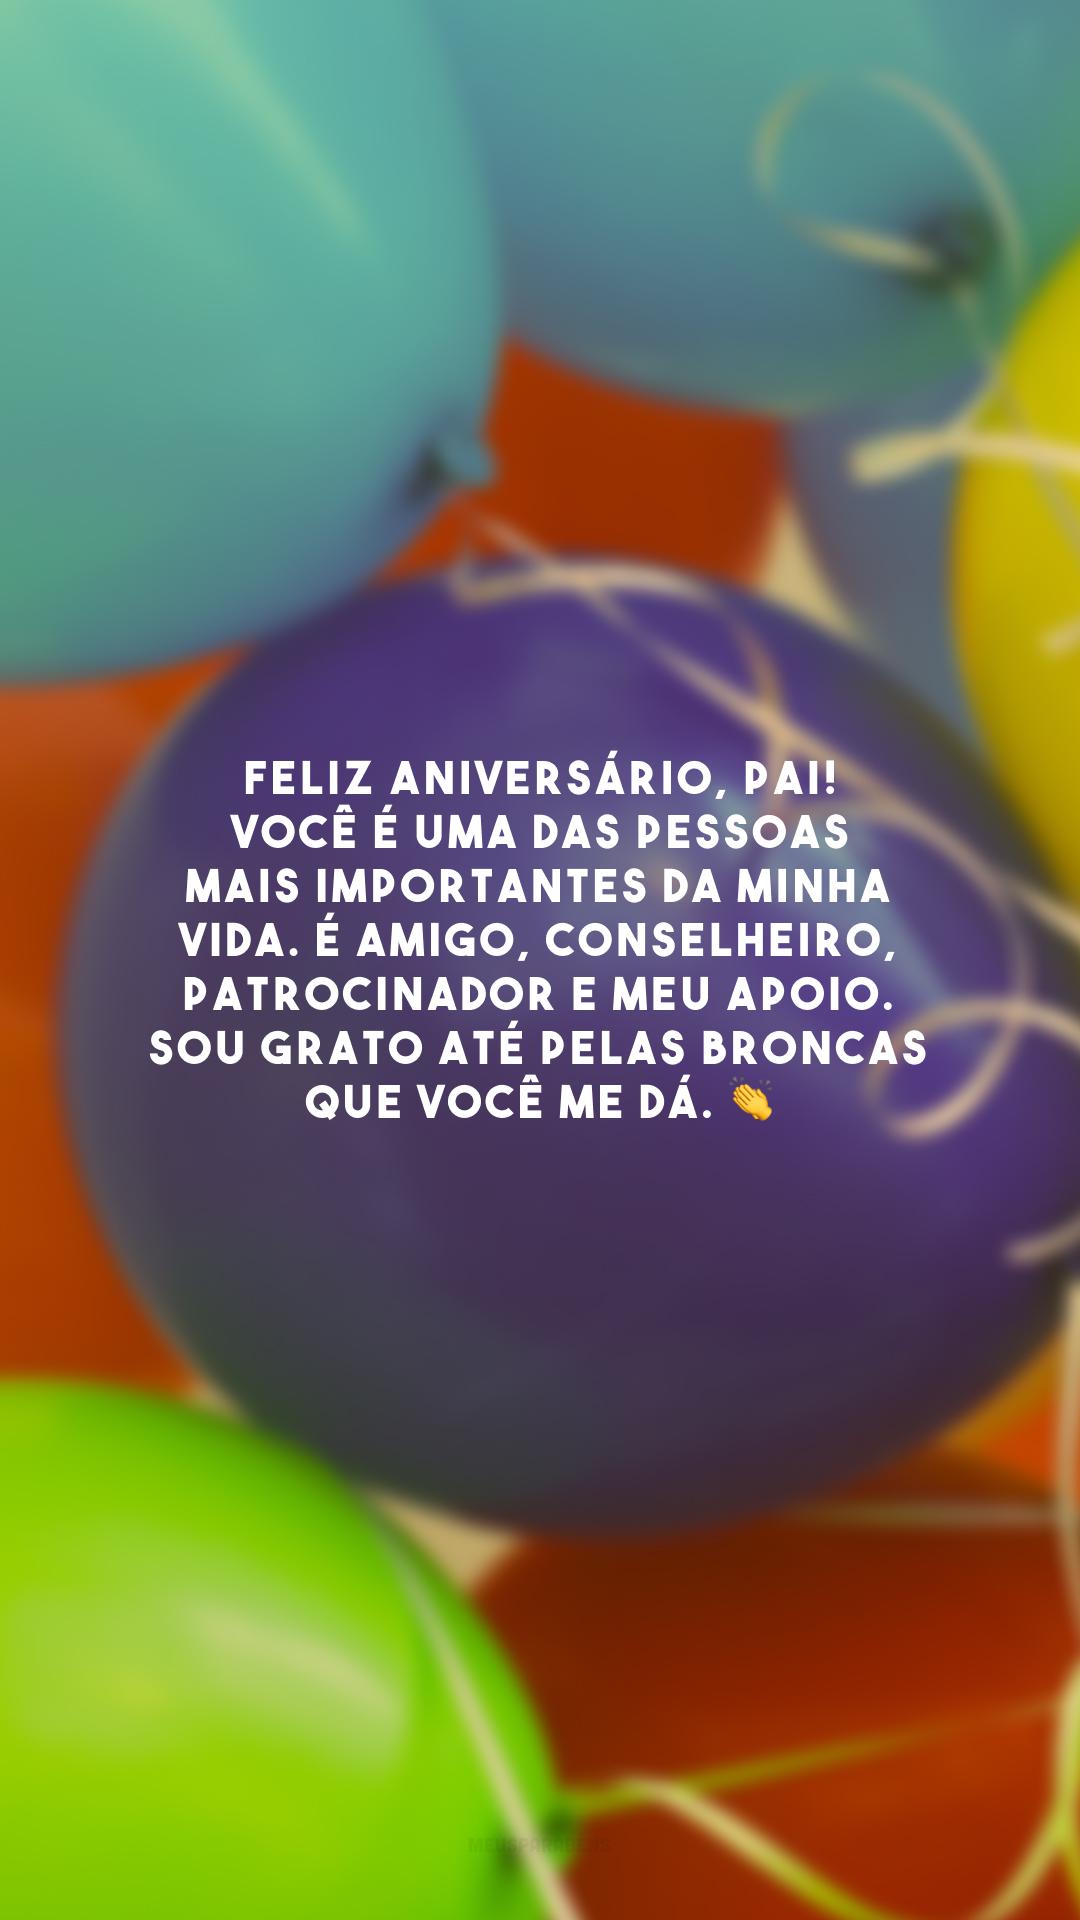 Feliz aniversário, pai! Você é uma das pessoas mais importantes da minha vida. É amigo, conselheiro, patrocinador e meu apoio. Sou grato até pelas broncas que você me dá. 👏